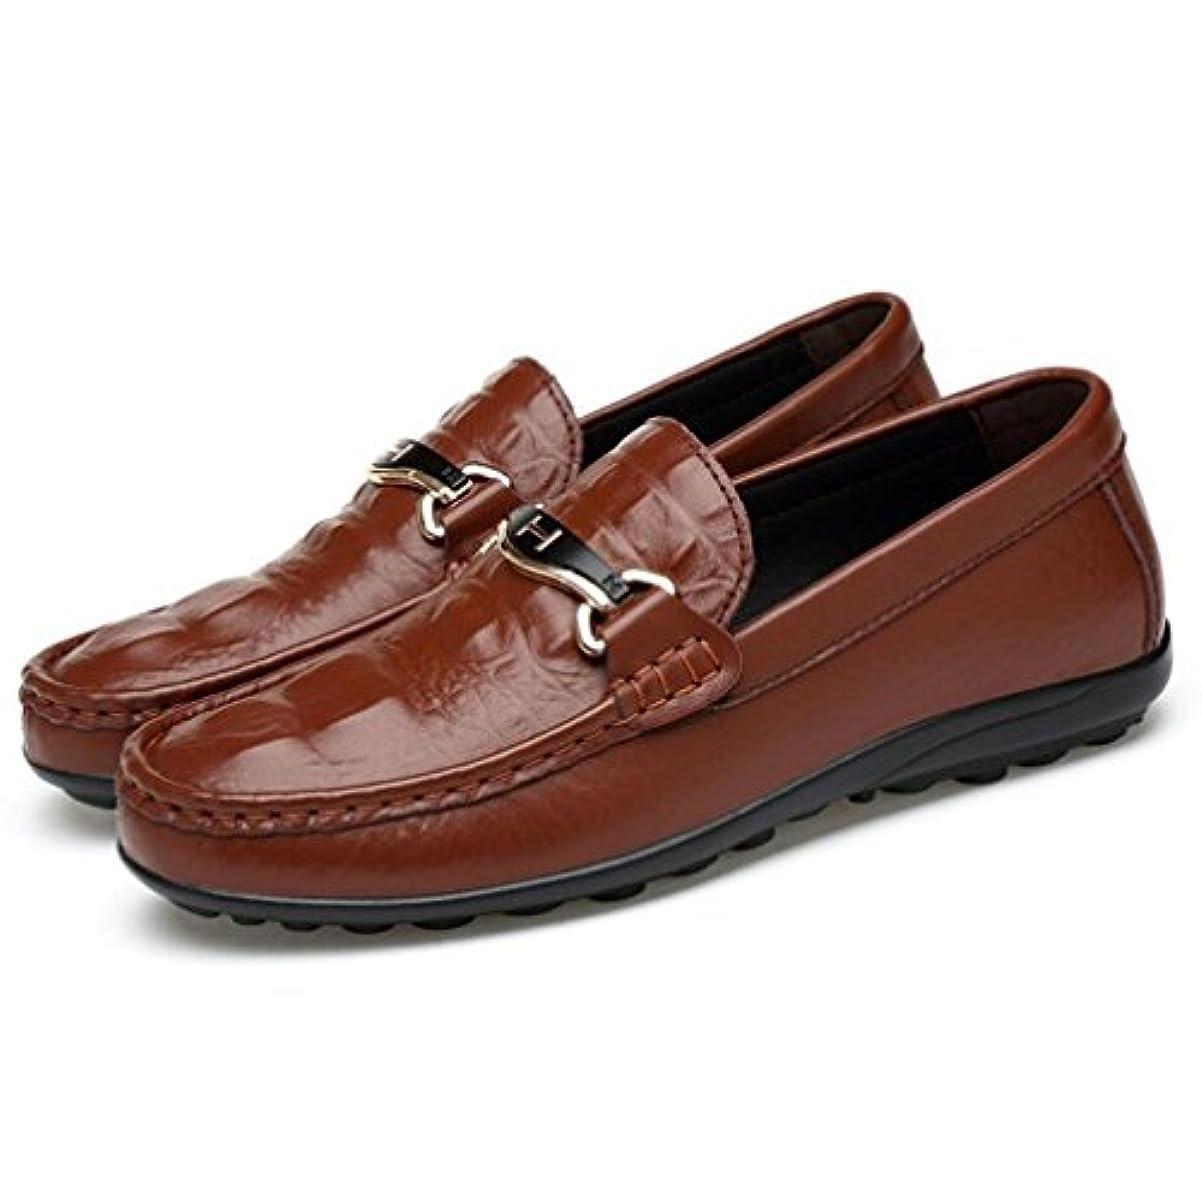 フレキシブル従来の共産主義者メンズスリップアドオンカジュアルレザーローファー靴軽い靴底ドライビングシューズビジネスワークパーティー & イブニング (YAN),B,38